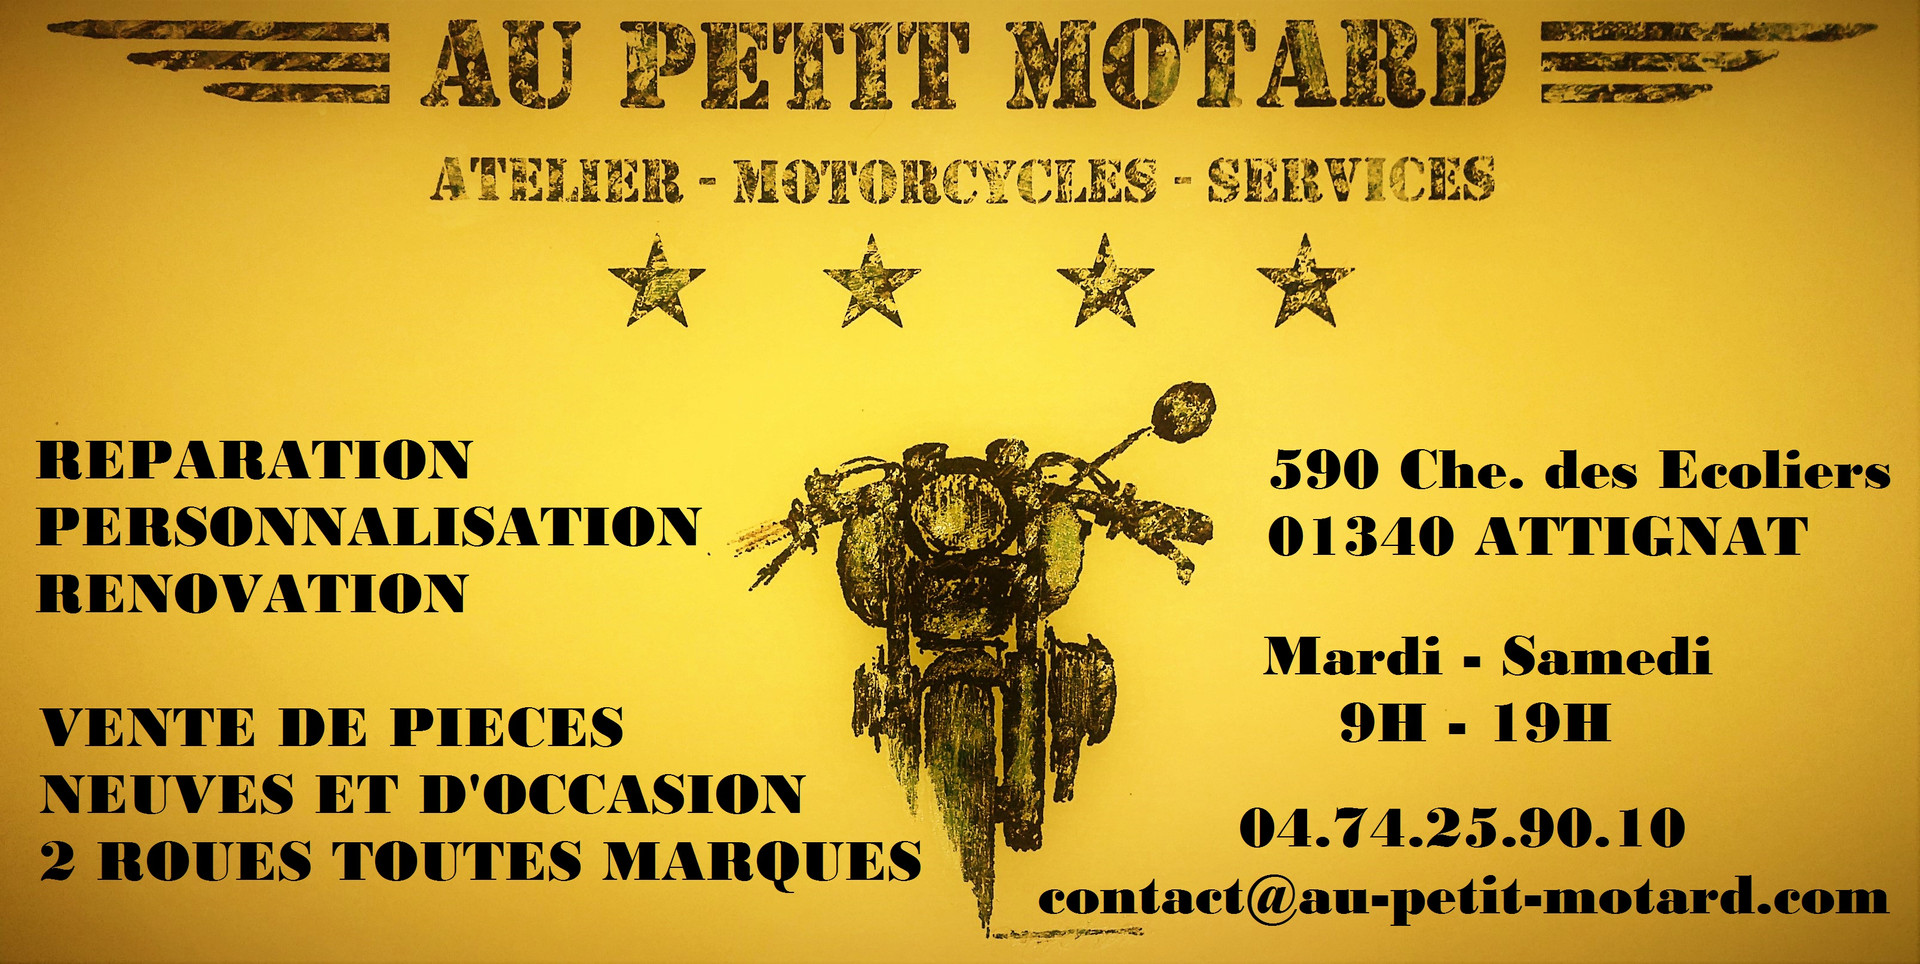 Copie de Aux petits motards.jpg